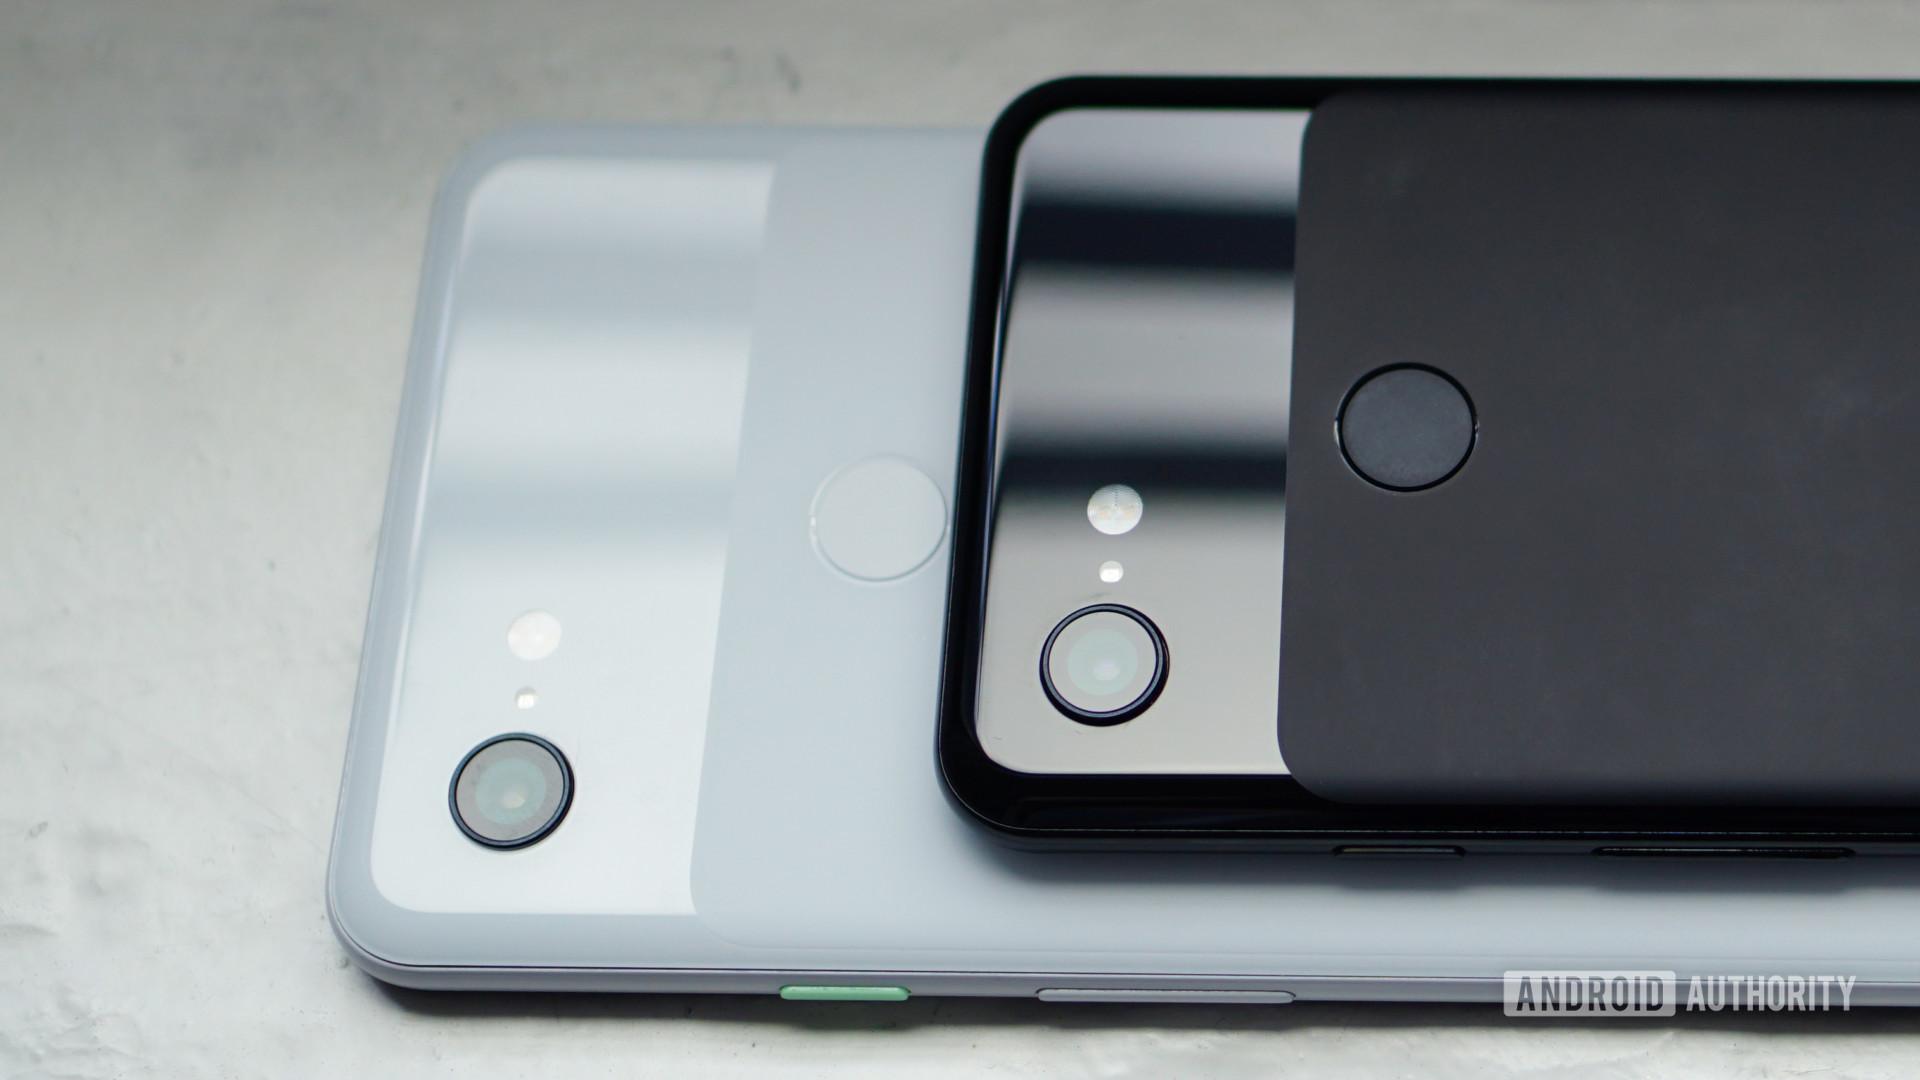 Google Pixel 3 and Pixel 3 XL camera closeup